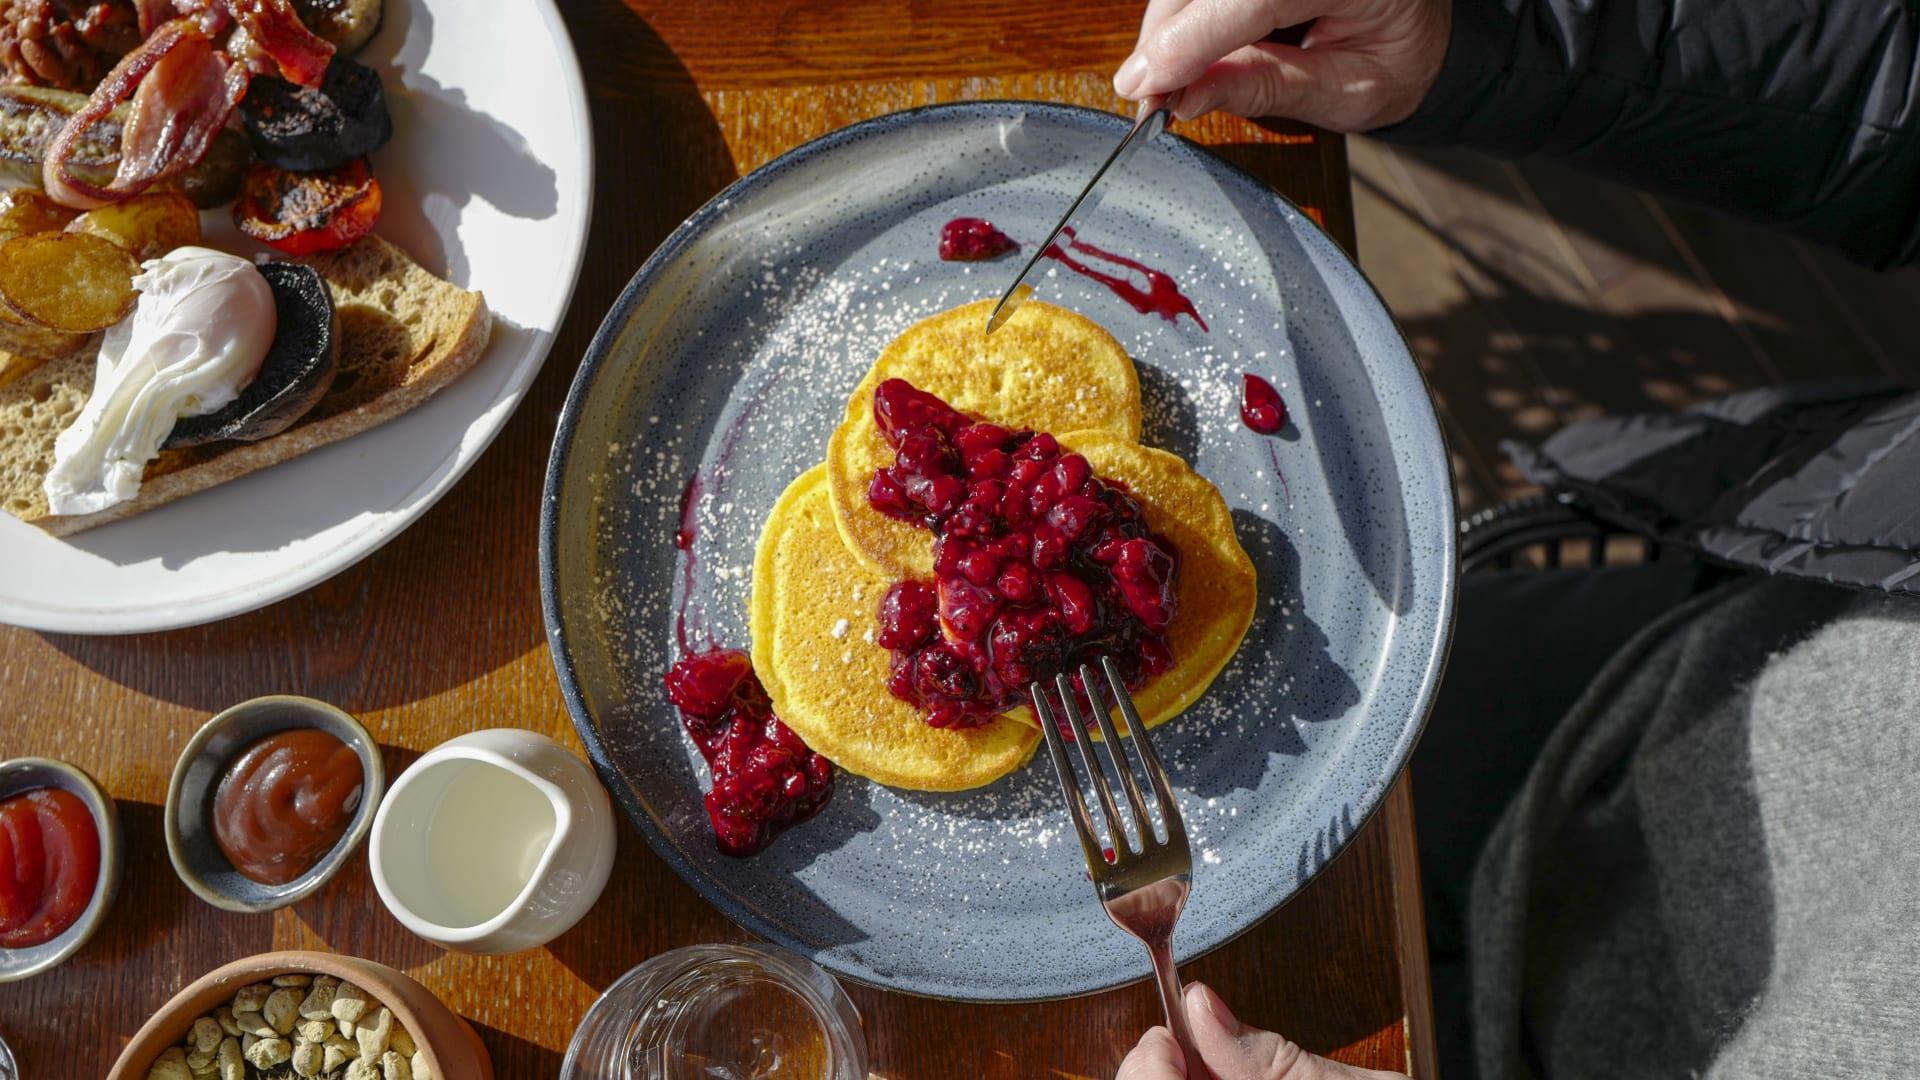 دراسة جديدة: الفطور أهم وجبة في اليوم